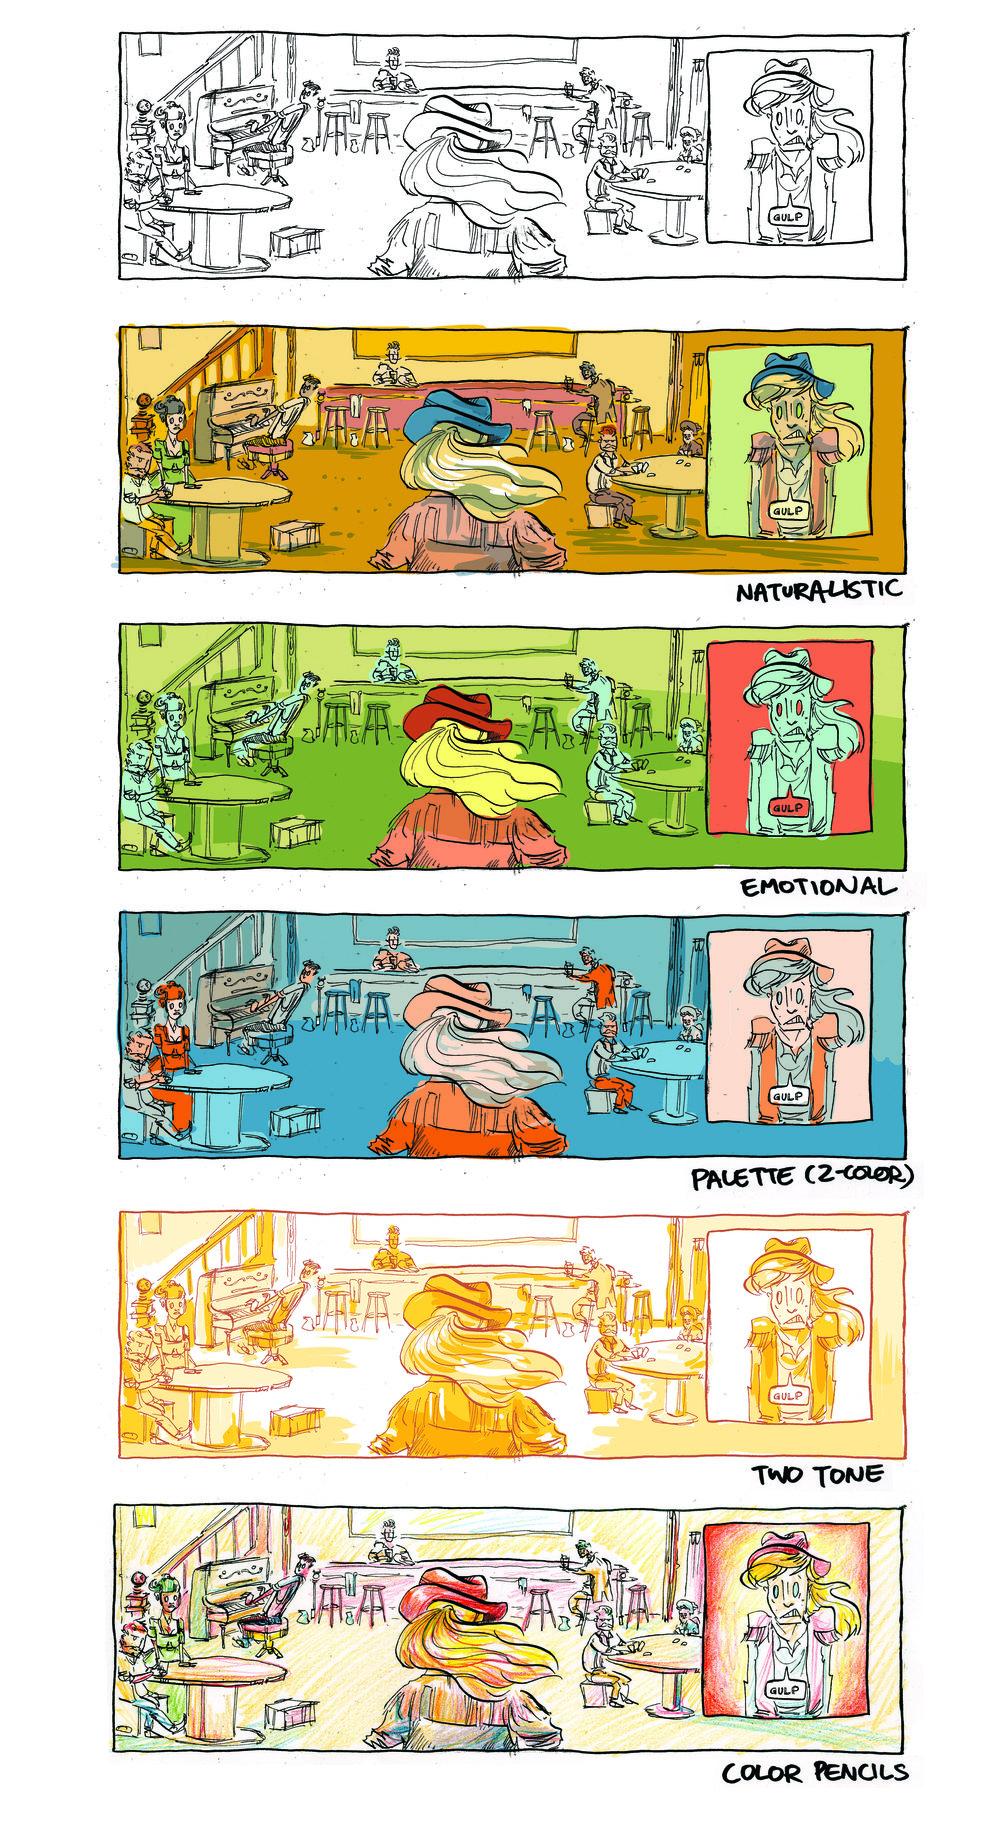 PanelSamples1.jpg